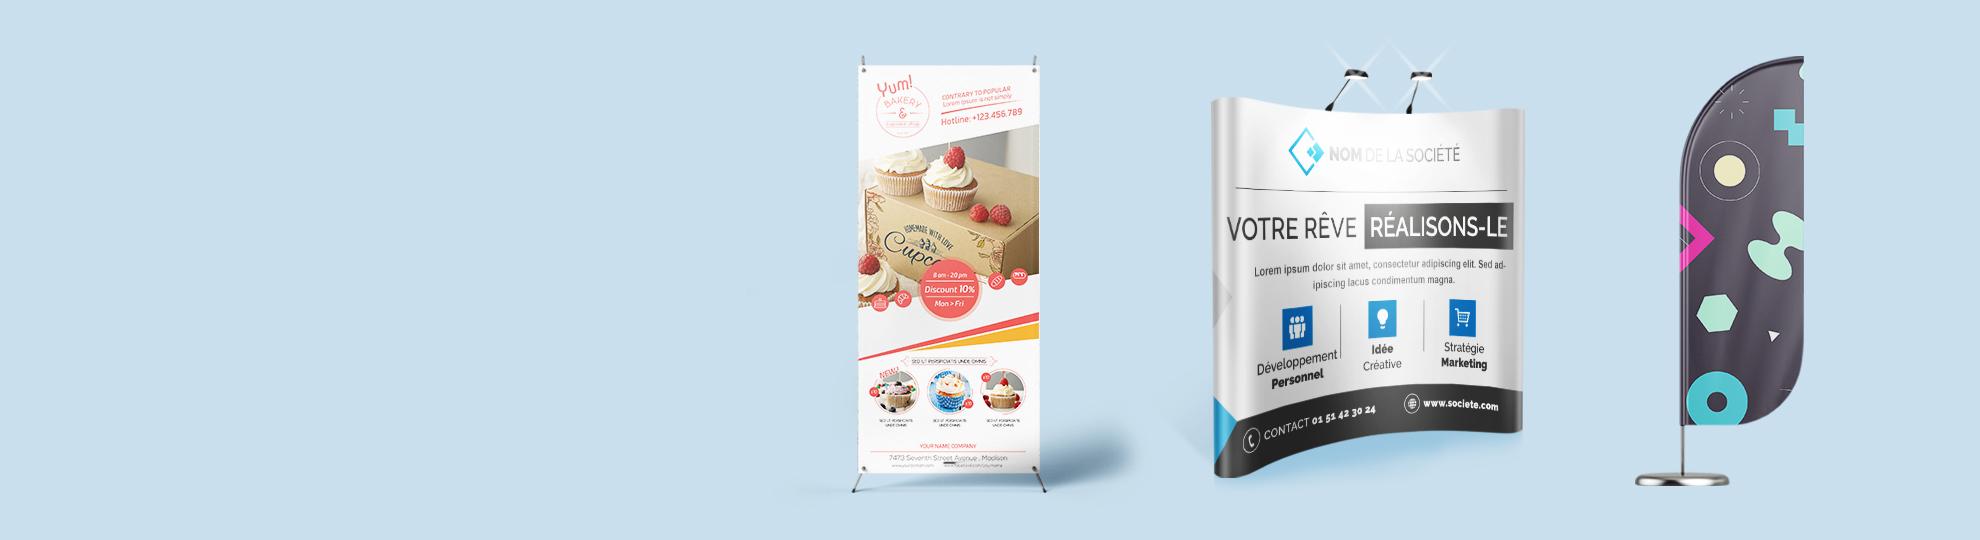 Création PLV expo pour stand salon sur Imprim Up